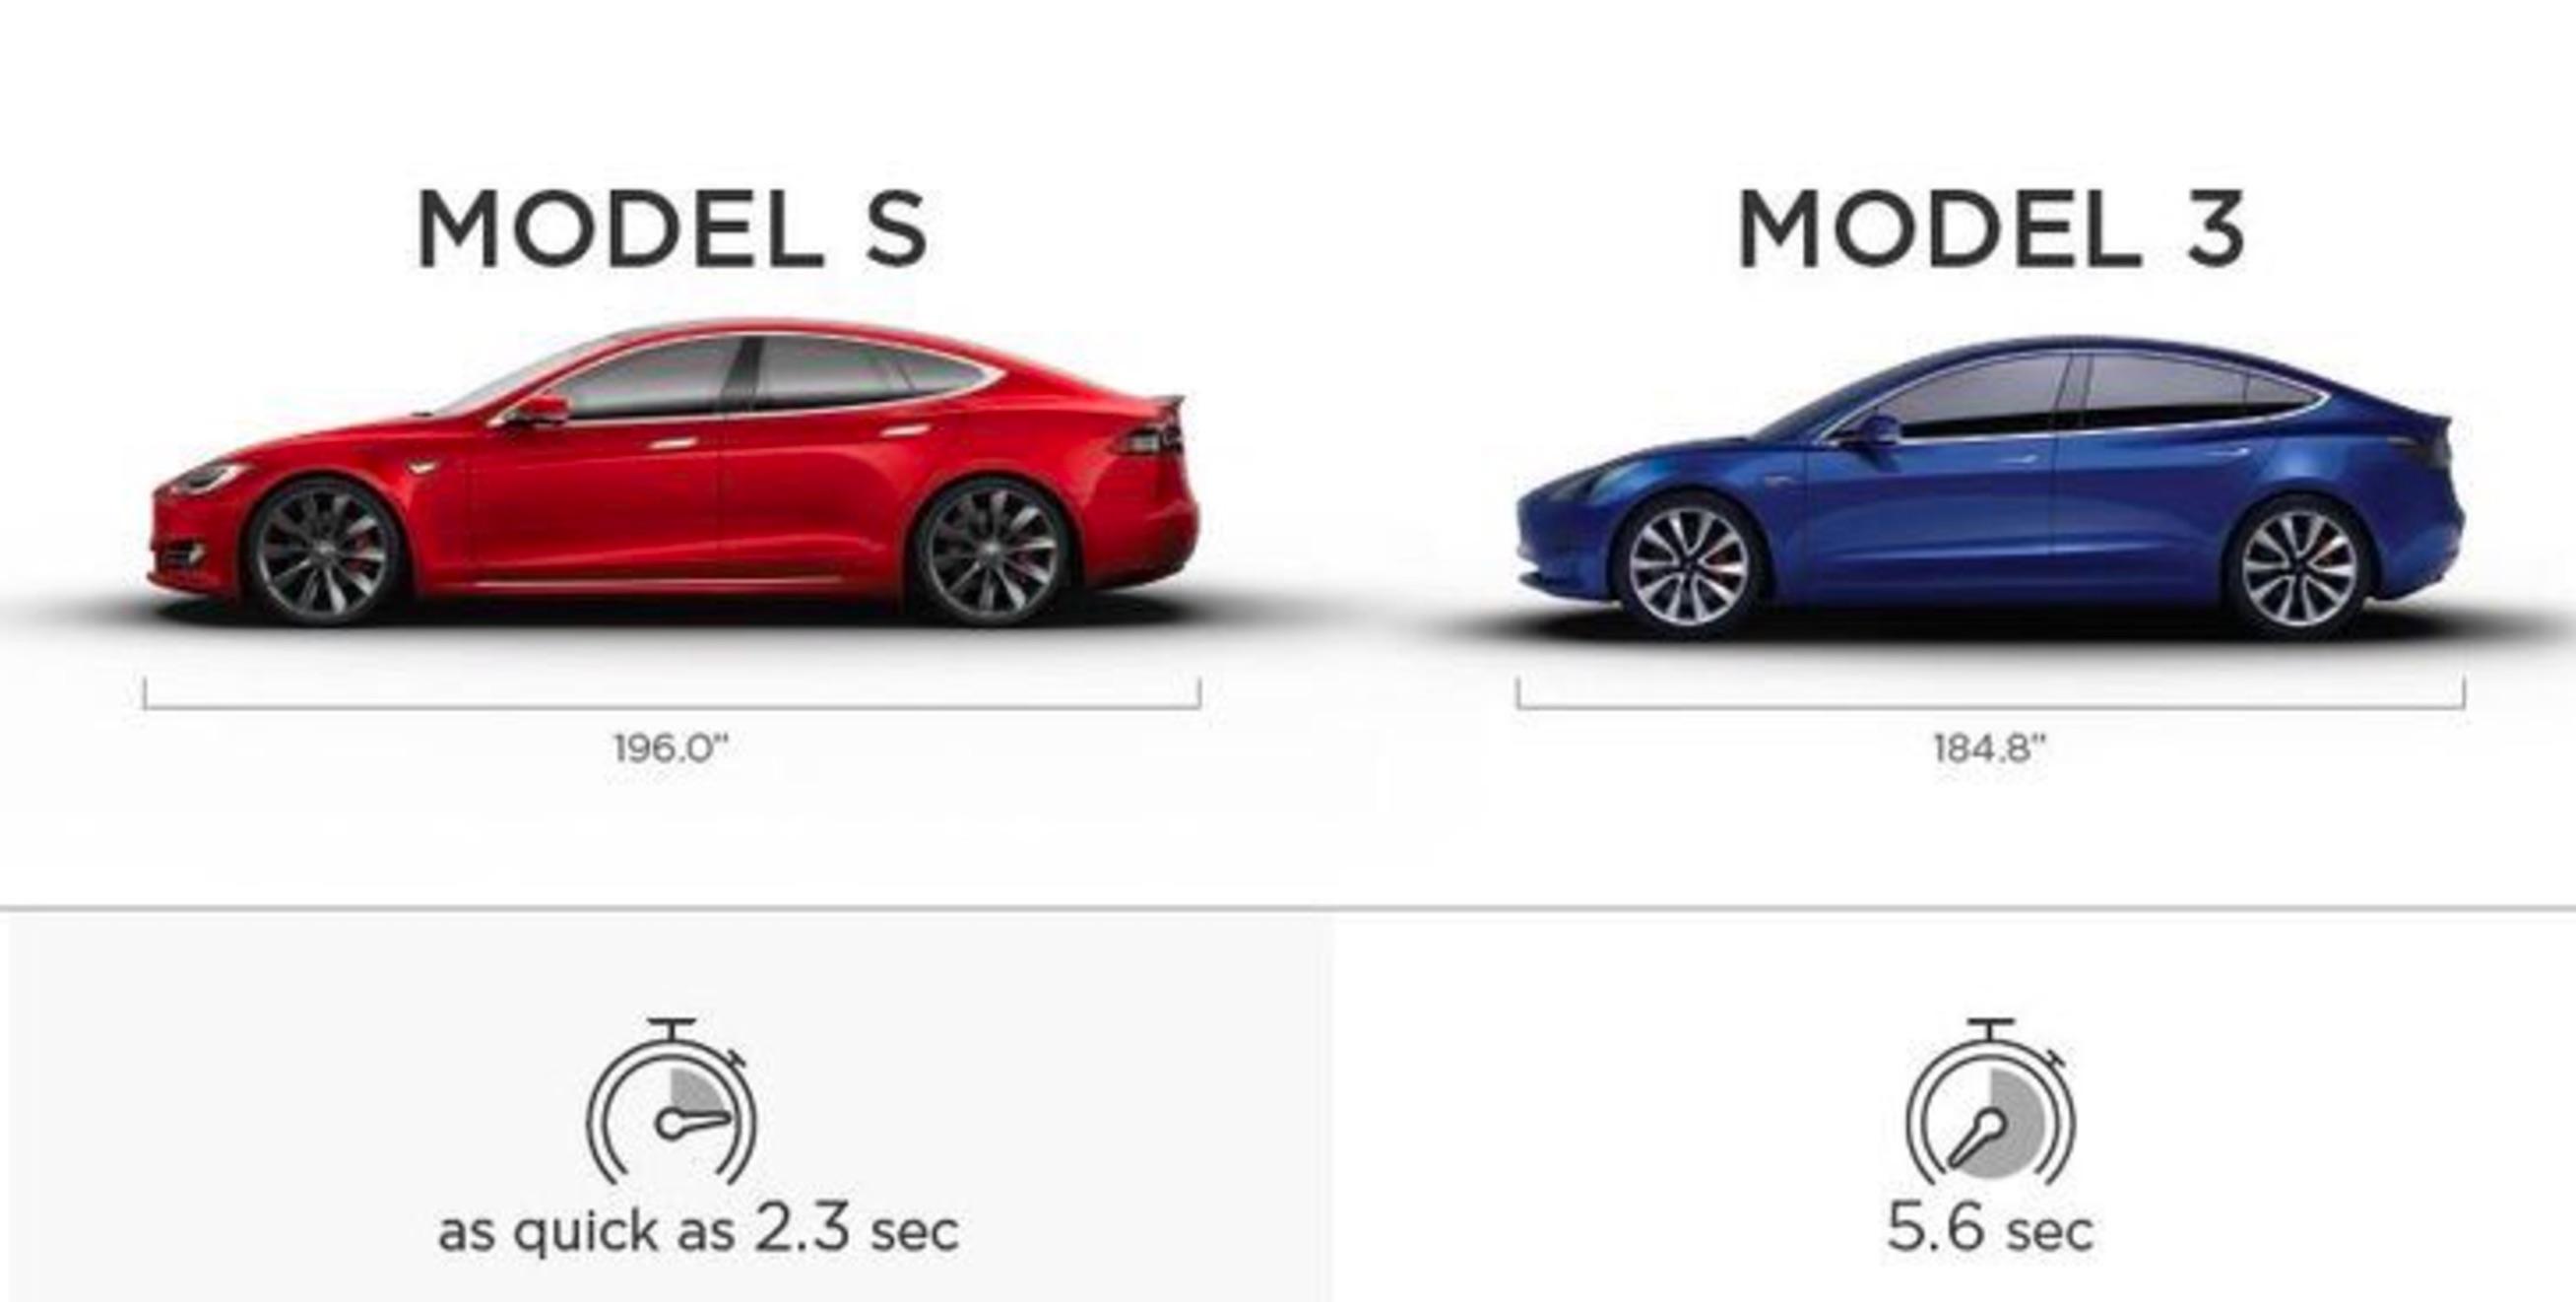 models-vs-model3-0-60